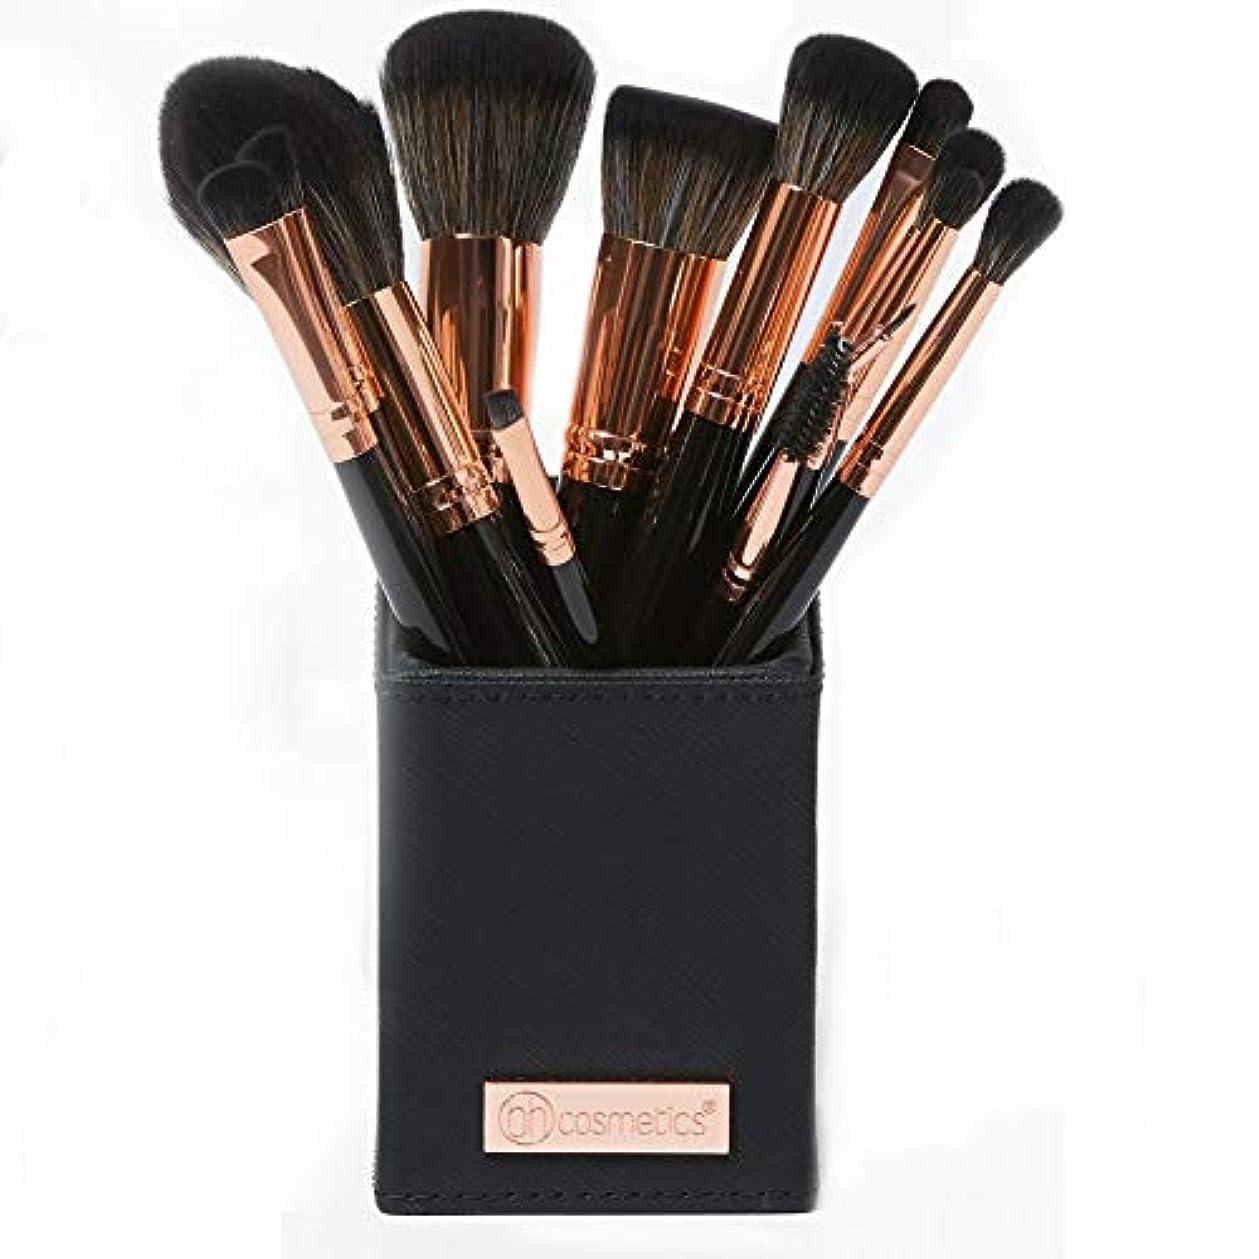 アート飢えたペリスコープBH cosmetics メイクブラシ アイシャドウブラシ 化粧筆 貴族のゴールド メイクブラシセット13本セット 多機能メイクブラシケース付き収納便利